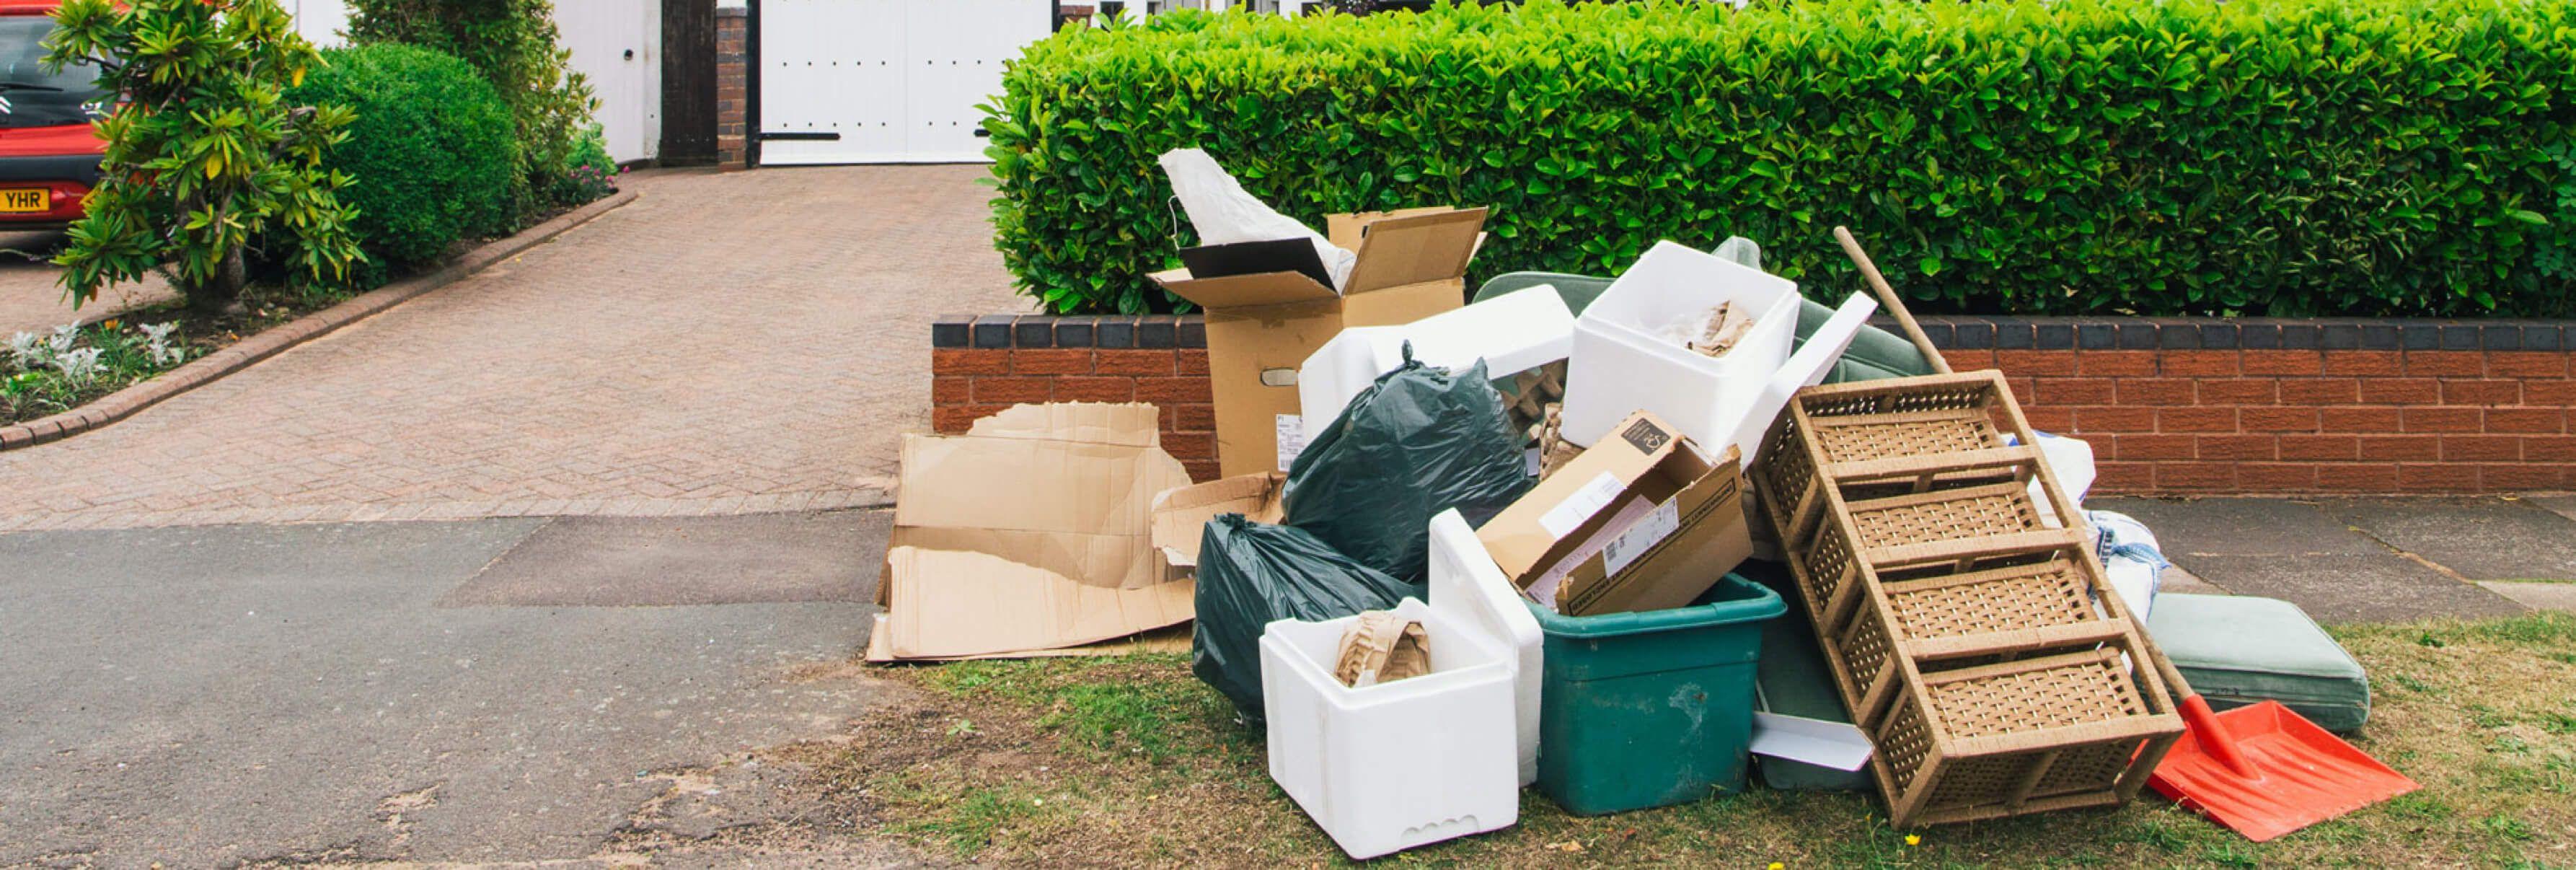 Rubbish Removal Bags - A Skip Alternative